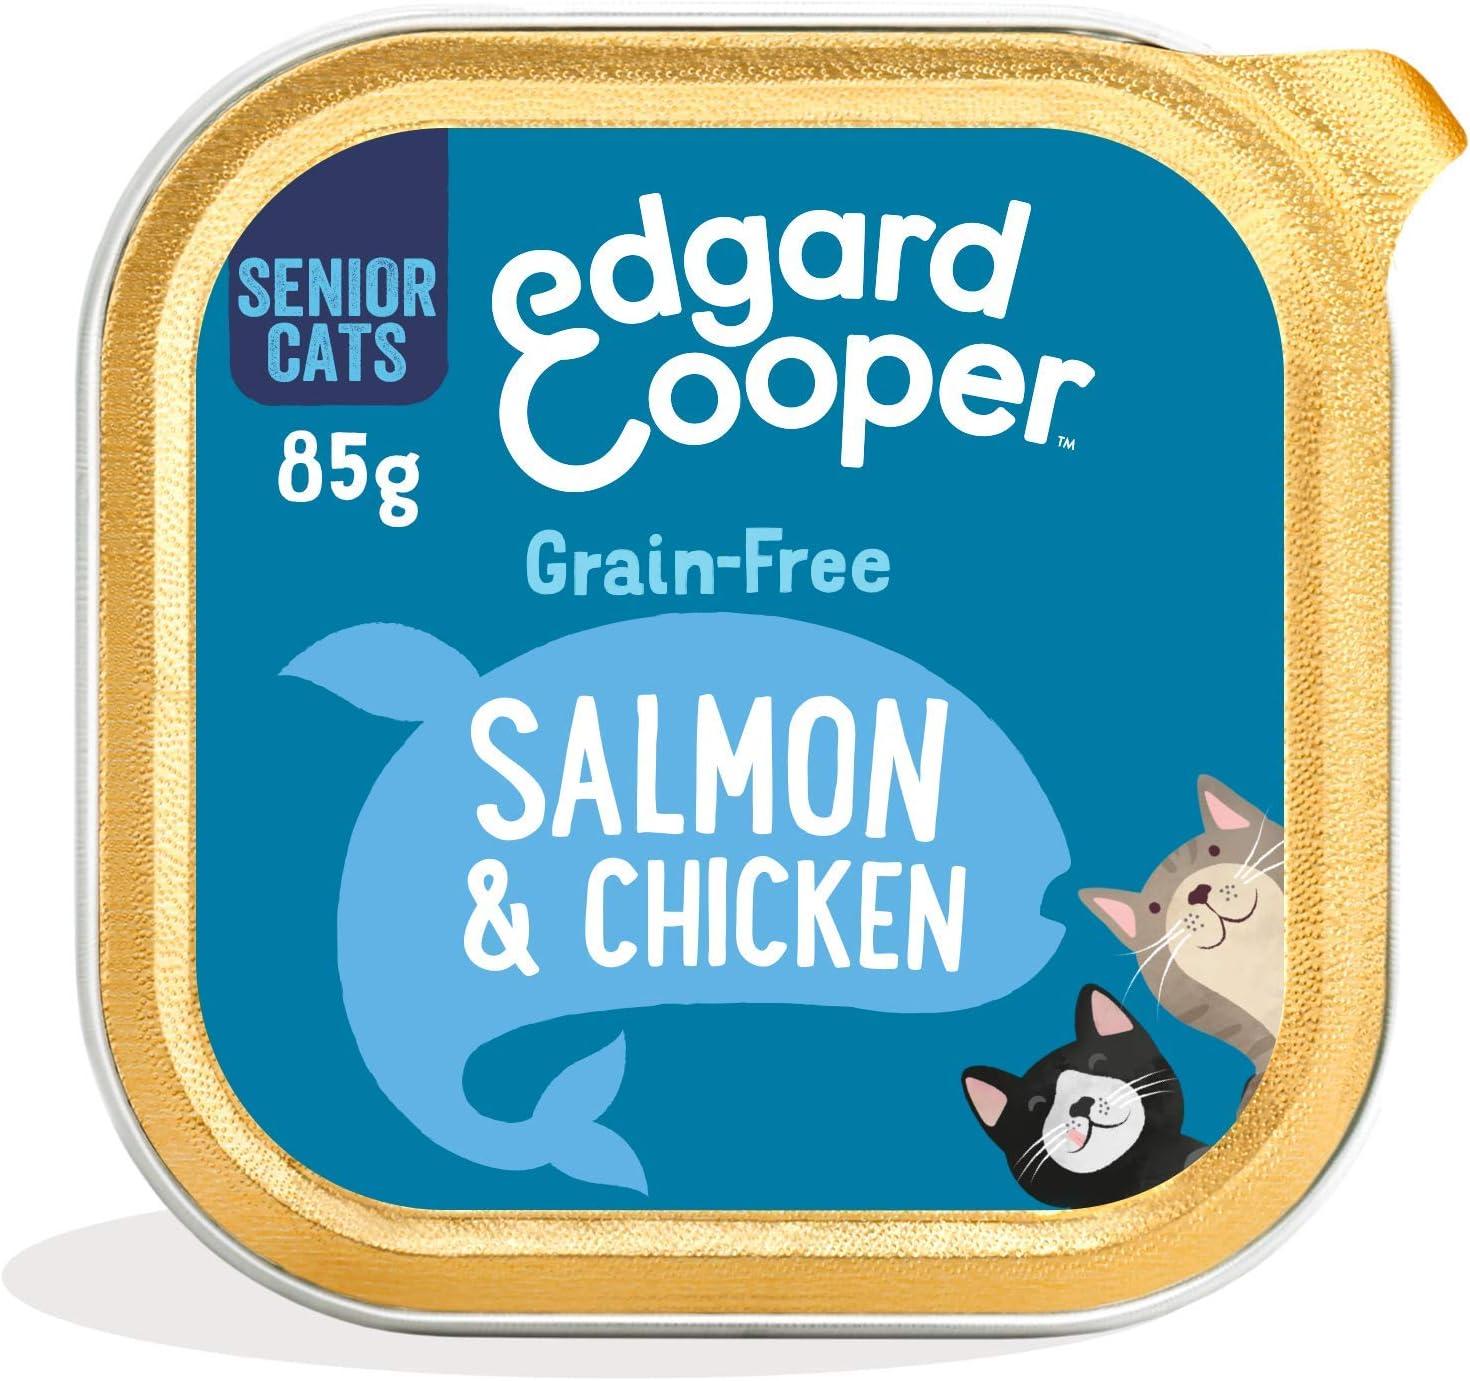 Edgard & Cooper Comida humeda Gatos Senior sin Cereales, Natural con Pollo y Salmón Frescos. Comida Sana Rica en nutrientes y antioxidantes Naturales. Pack tarrinas de 19x85gr